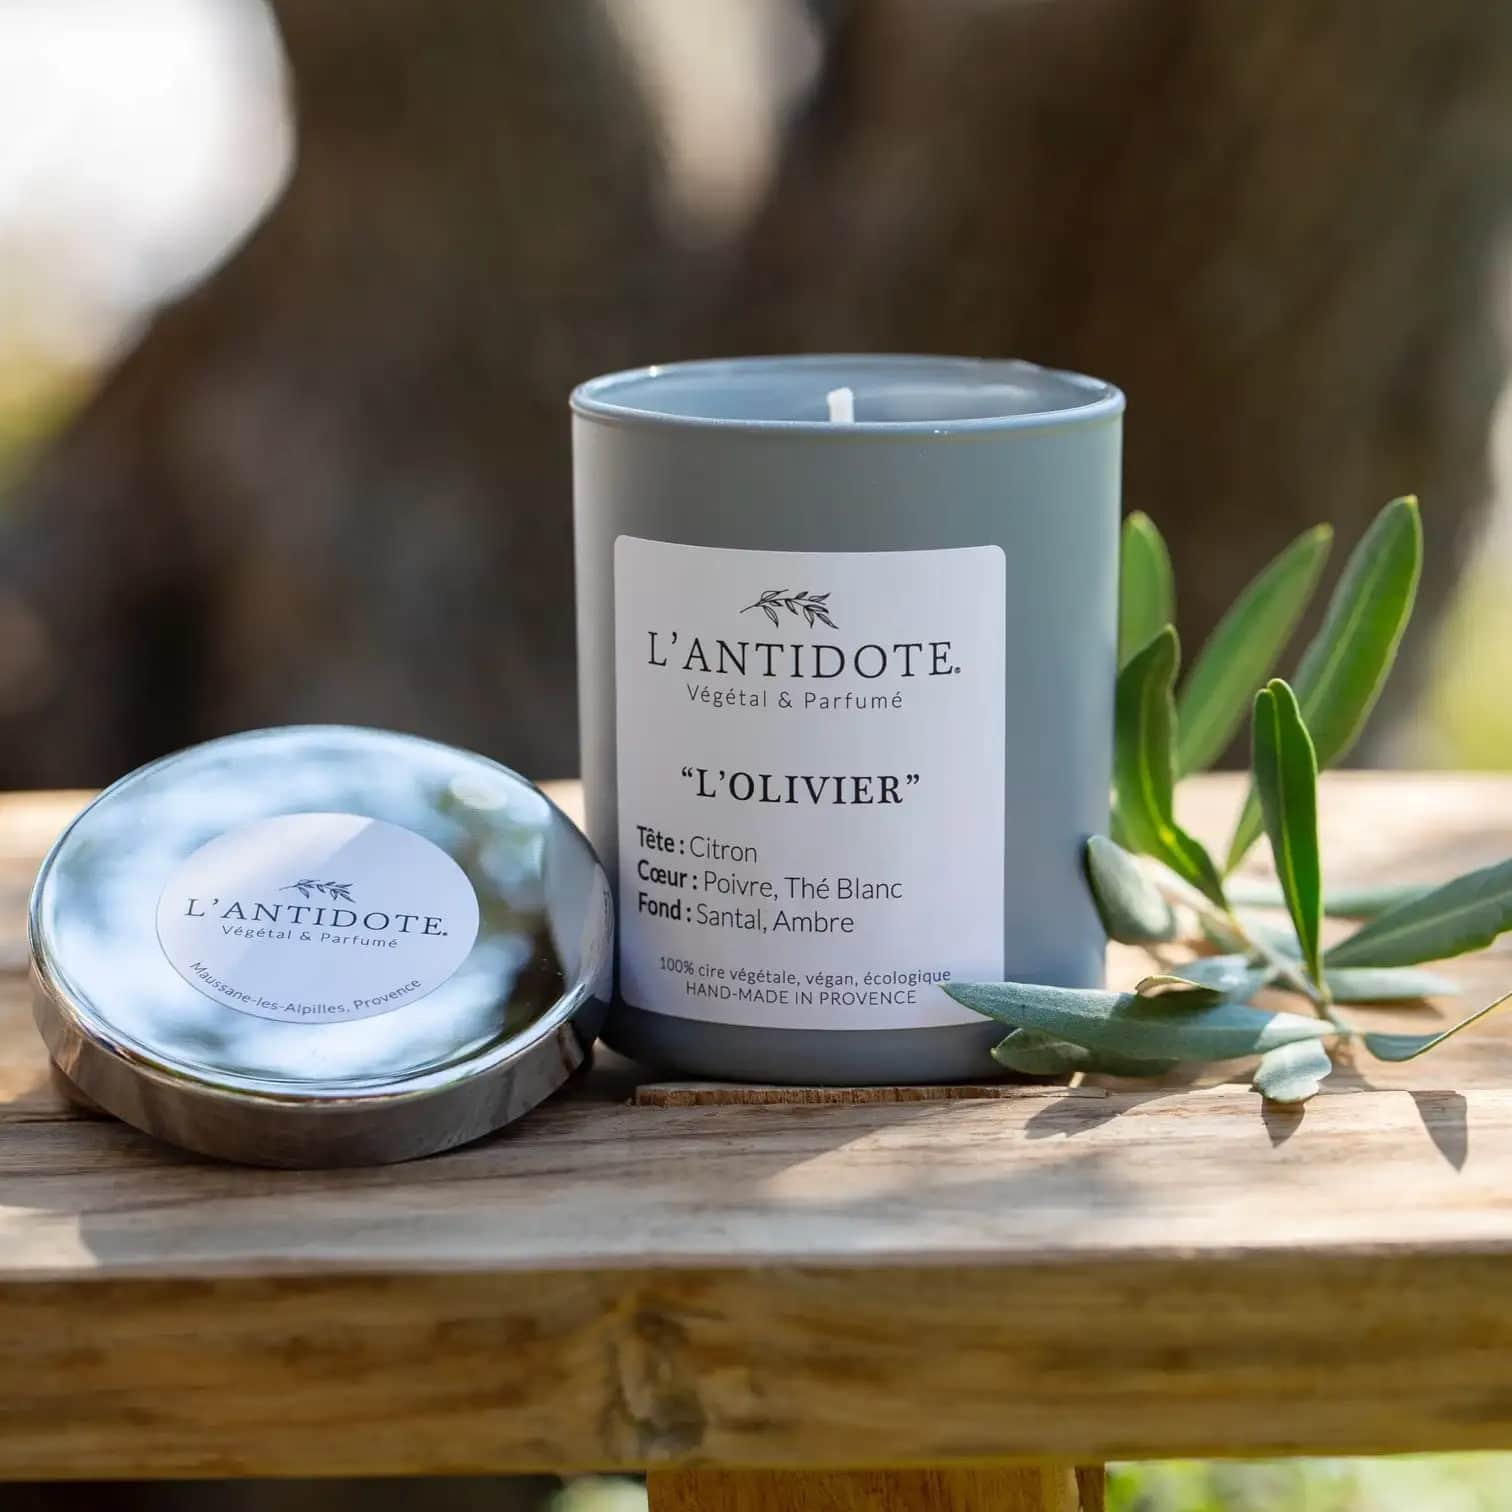 bougie parfumée citron l'olivier de l'antidote